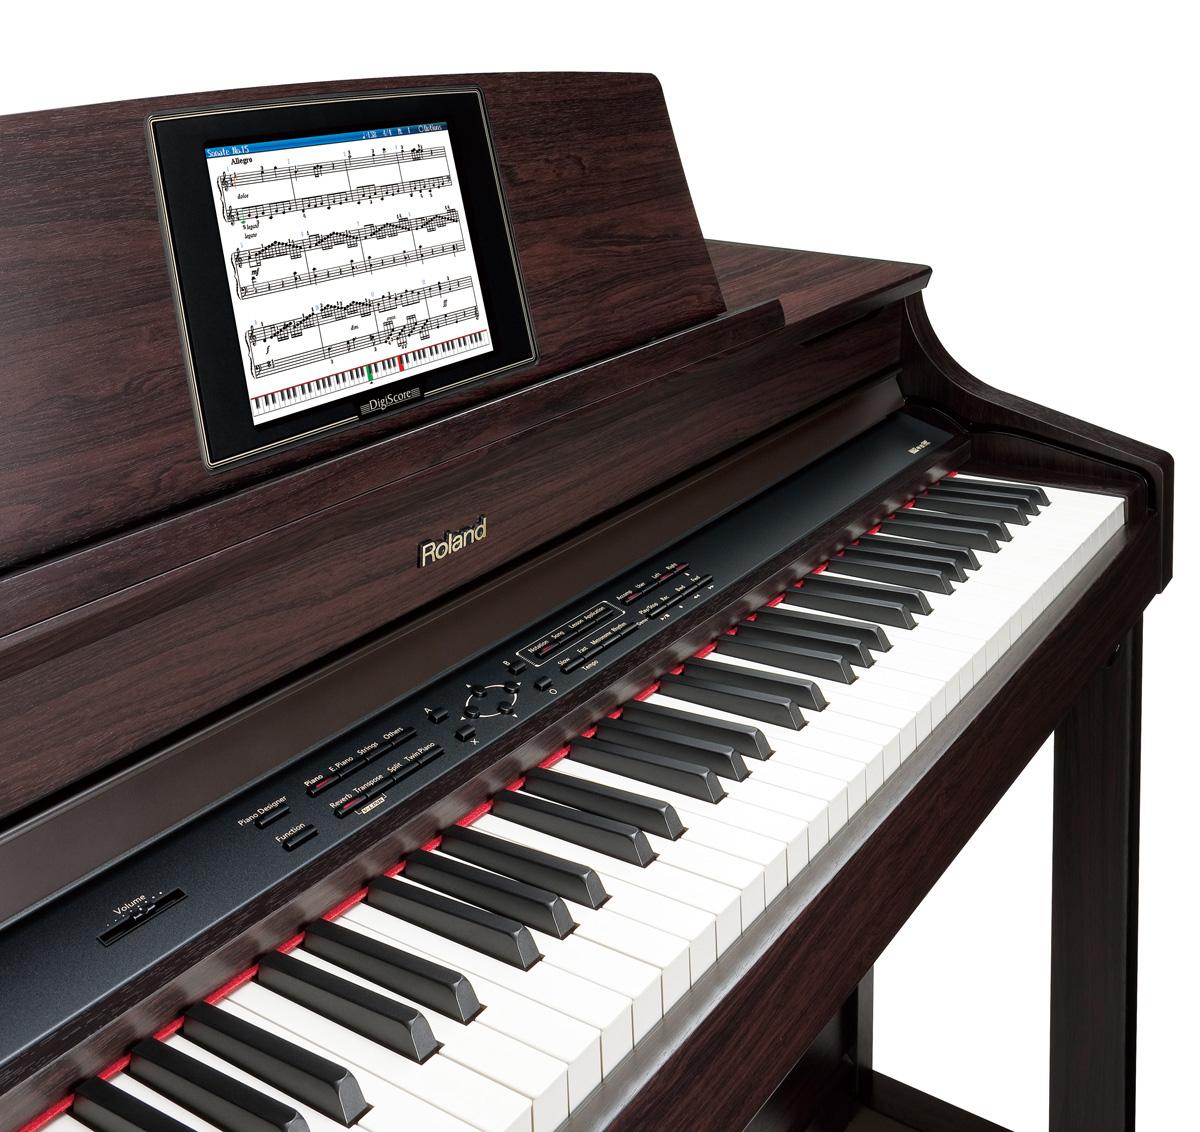 hpi-7f 电钢琴图片